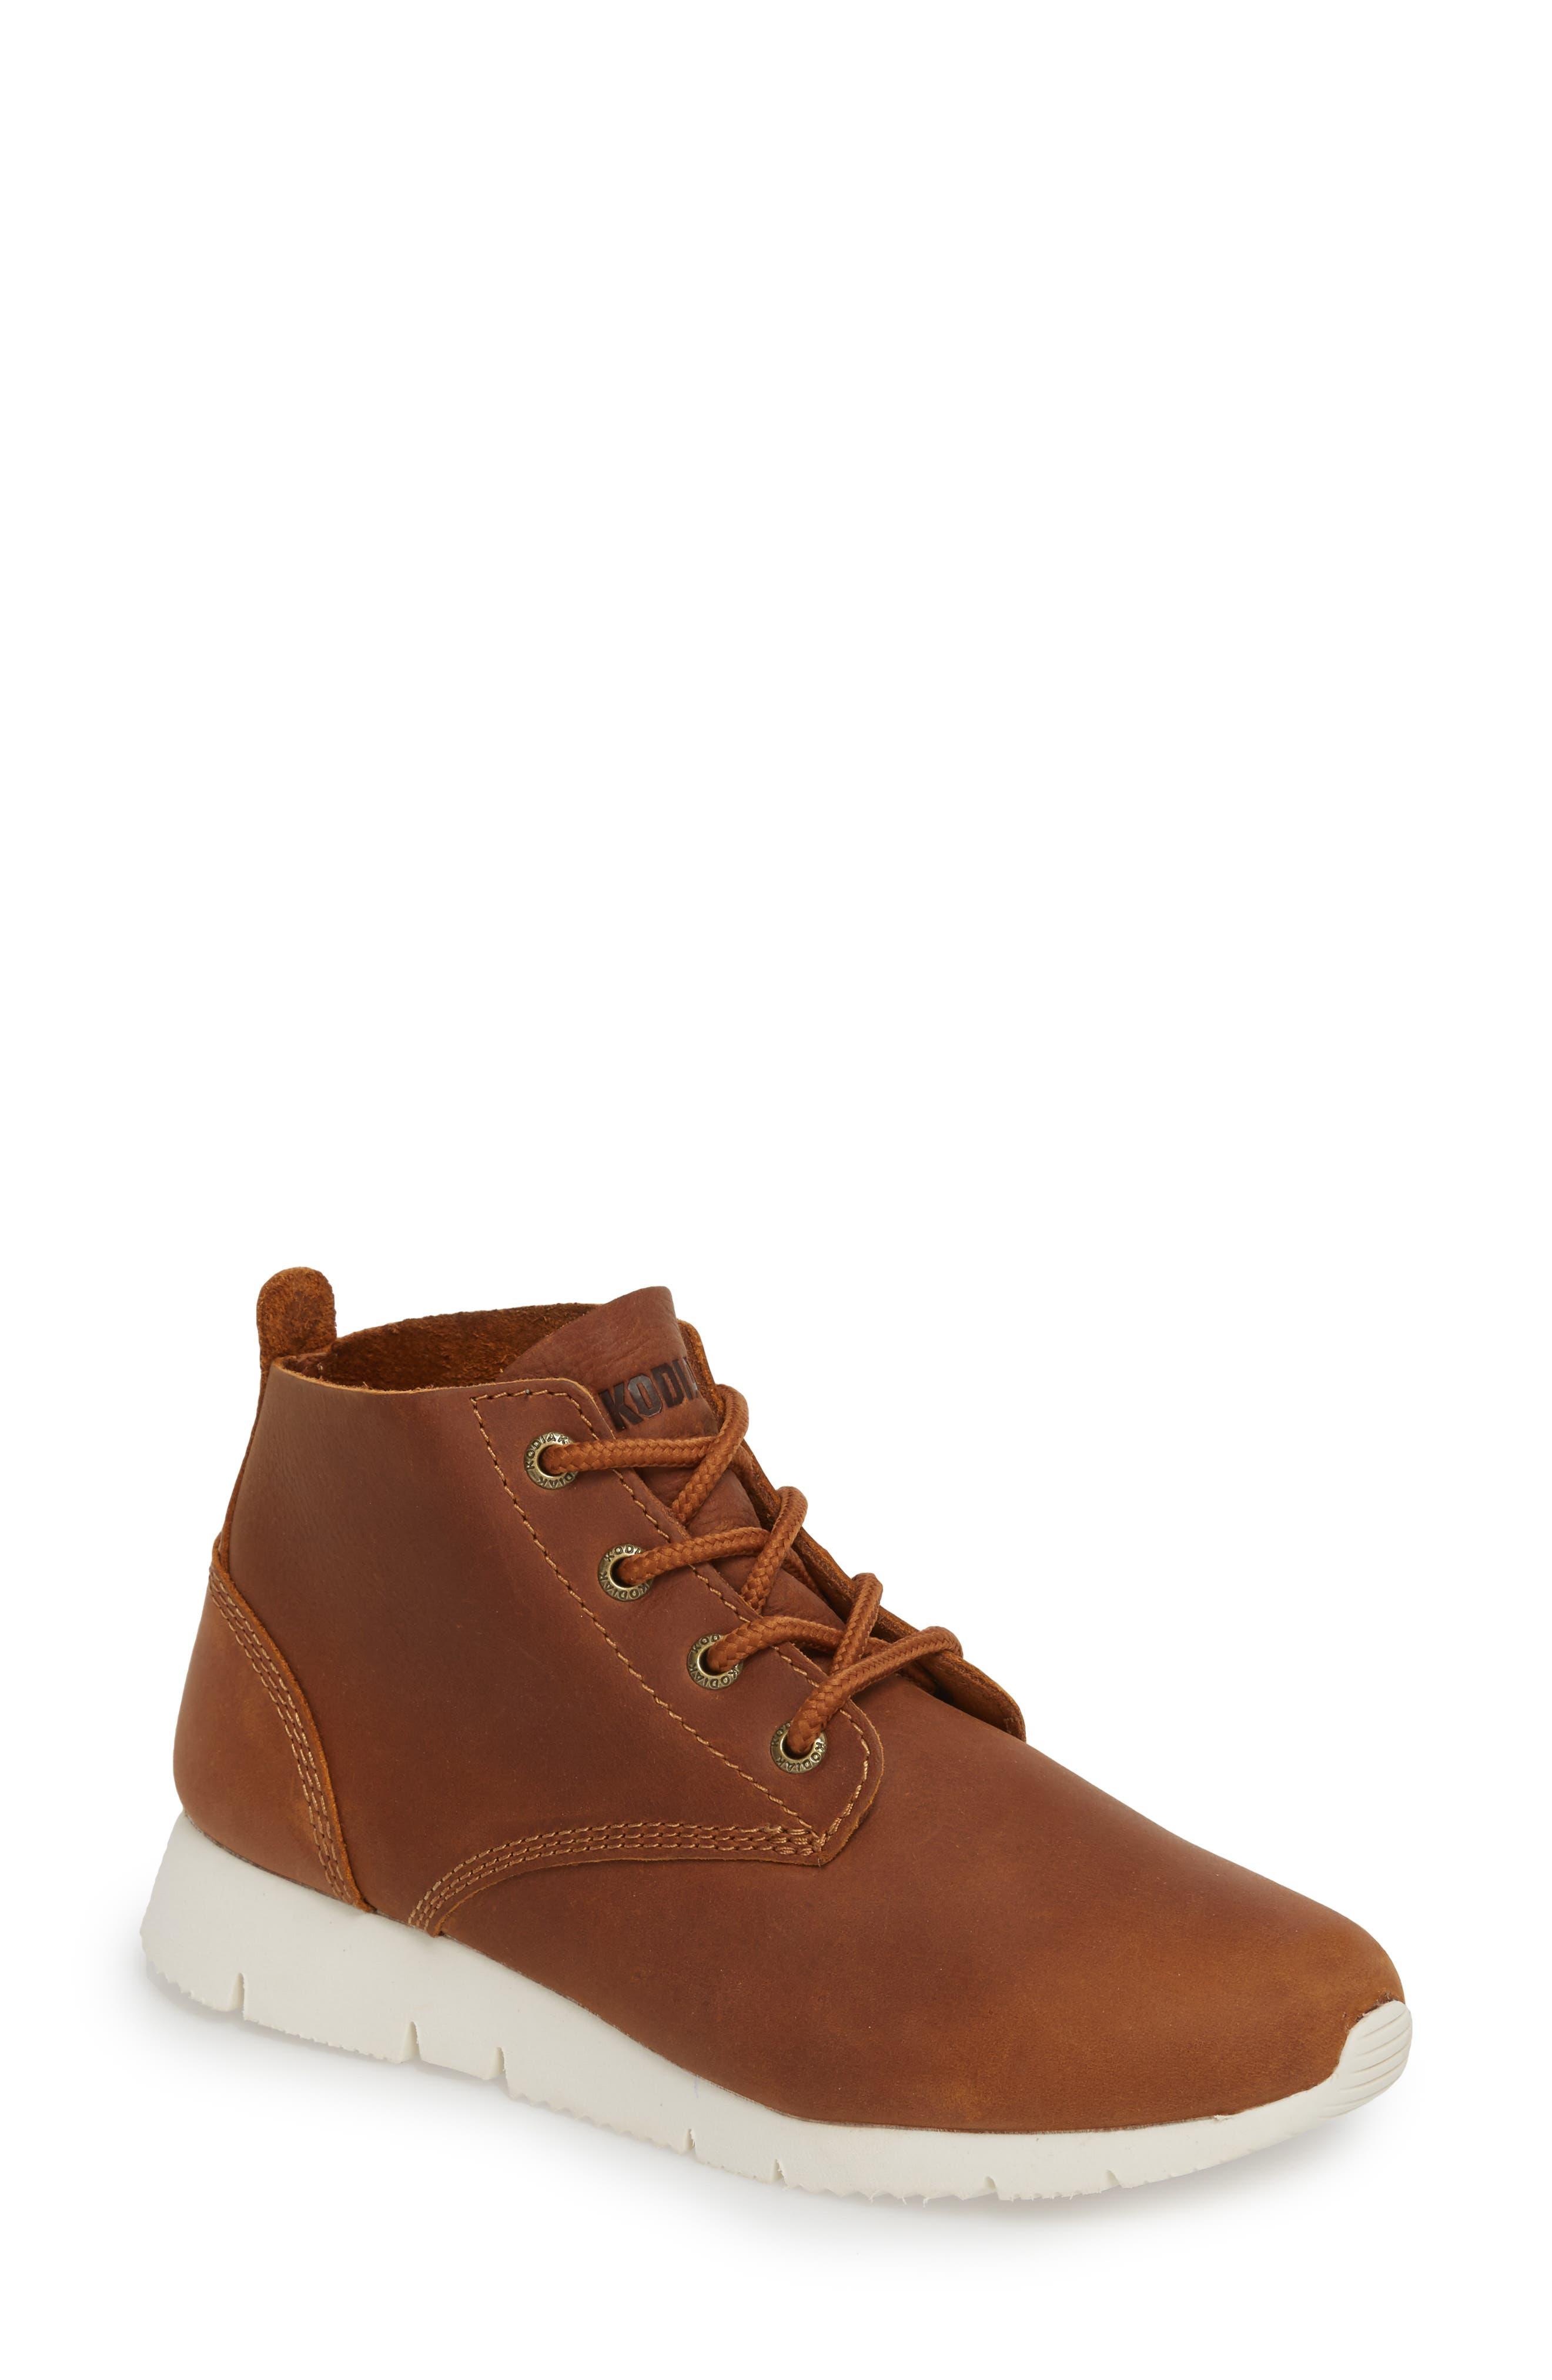 Kodiak Chukka Boot, Brown